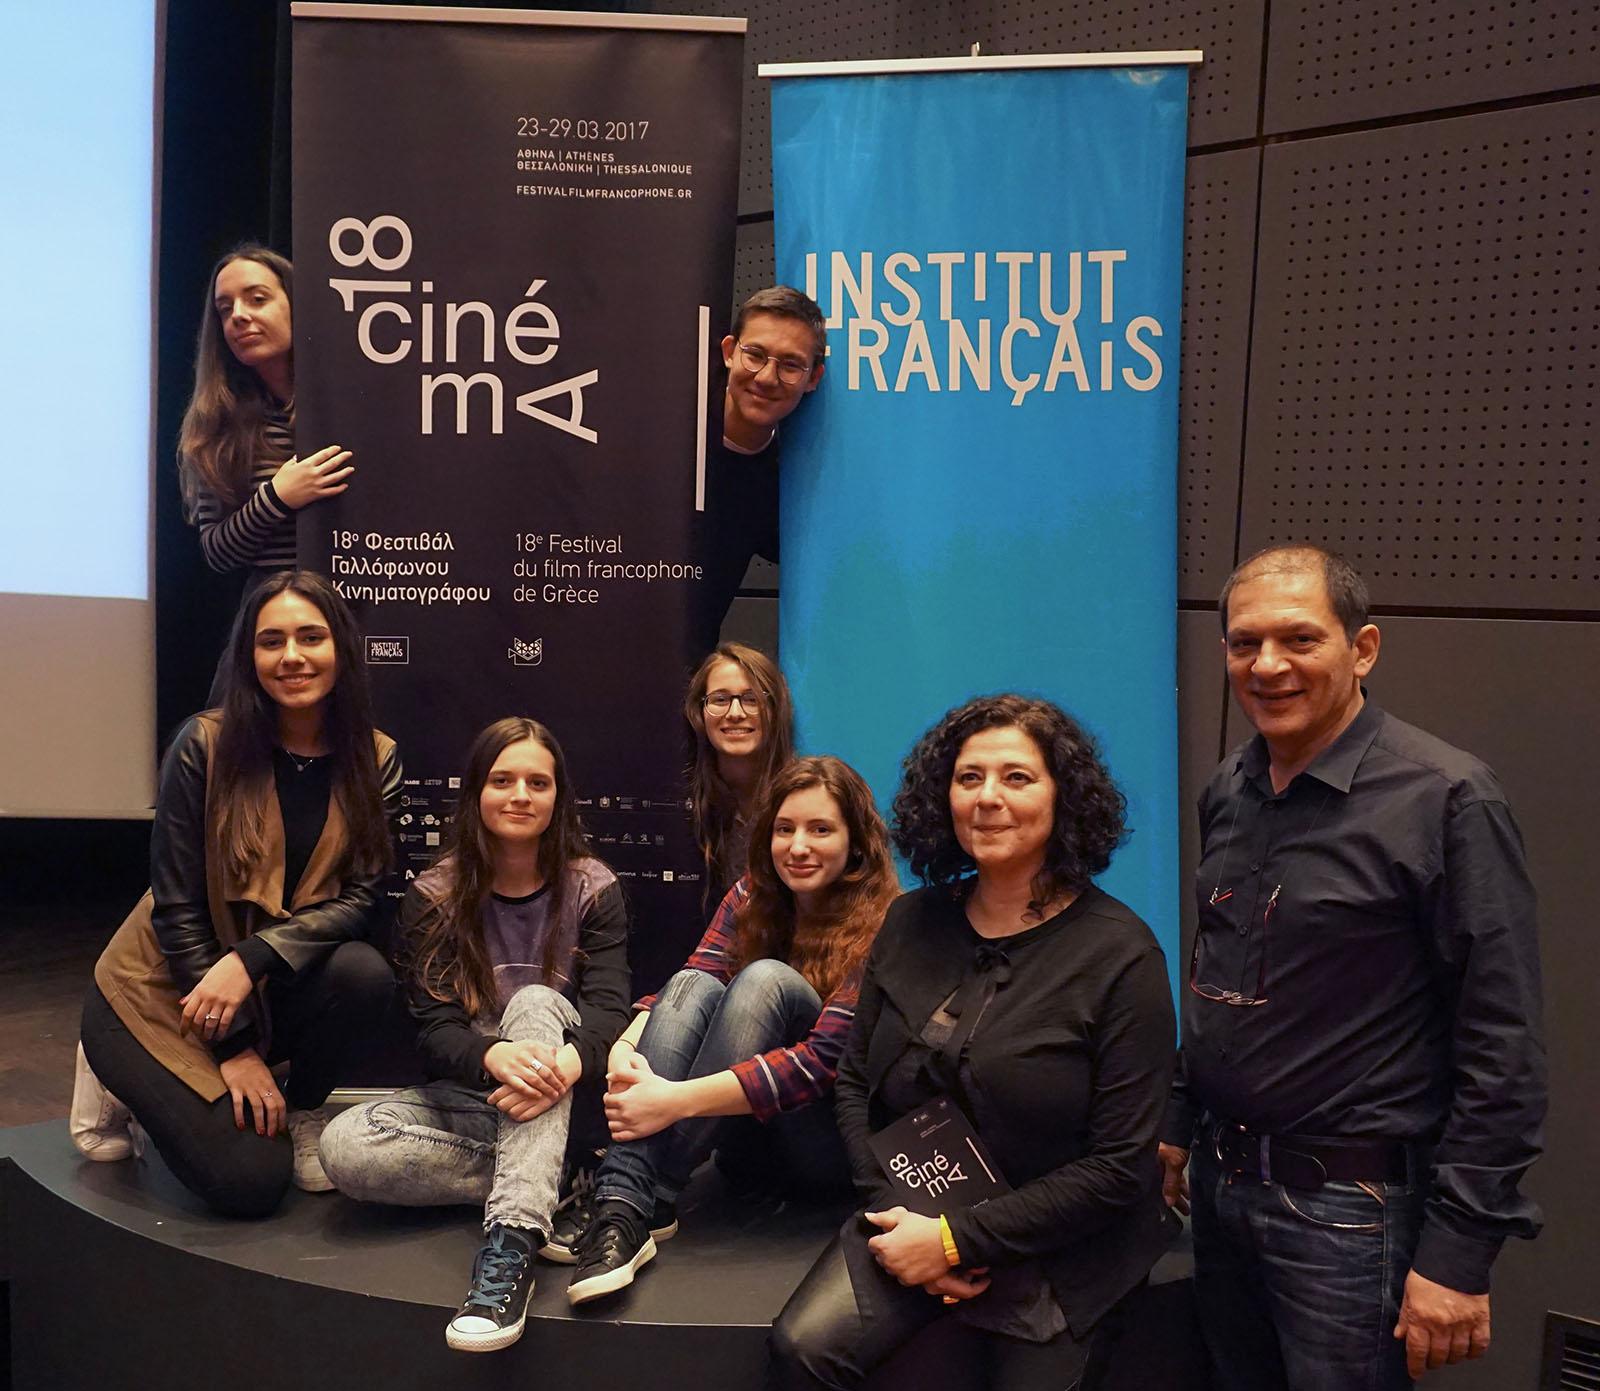 Les élèves du LFHED présentent le 18 festival du film francophone